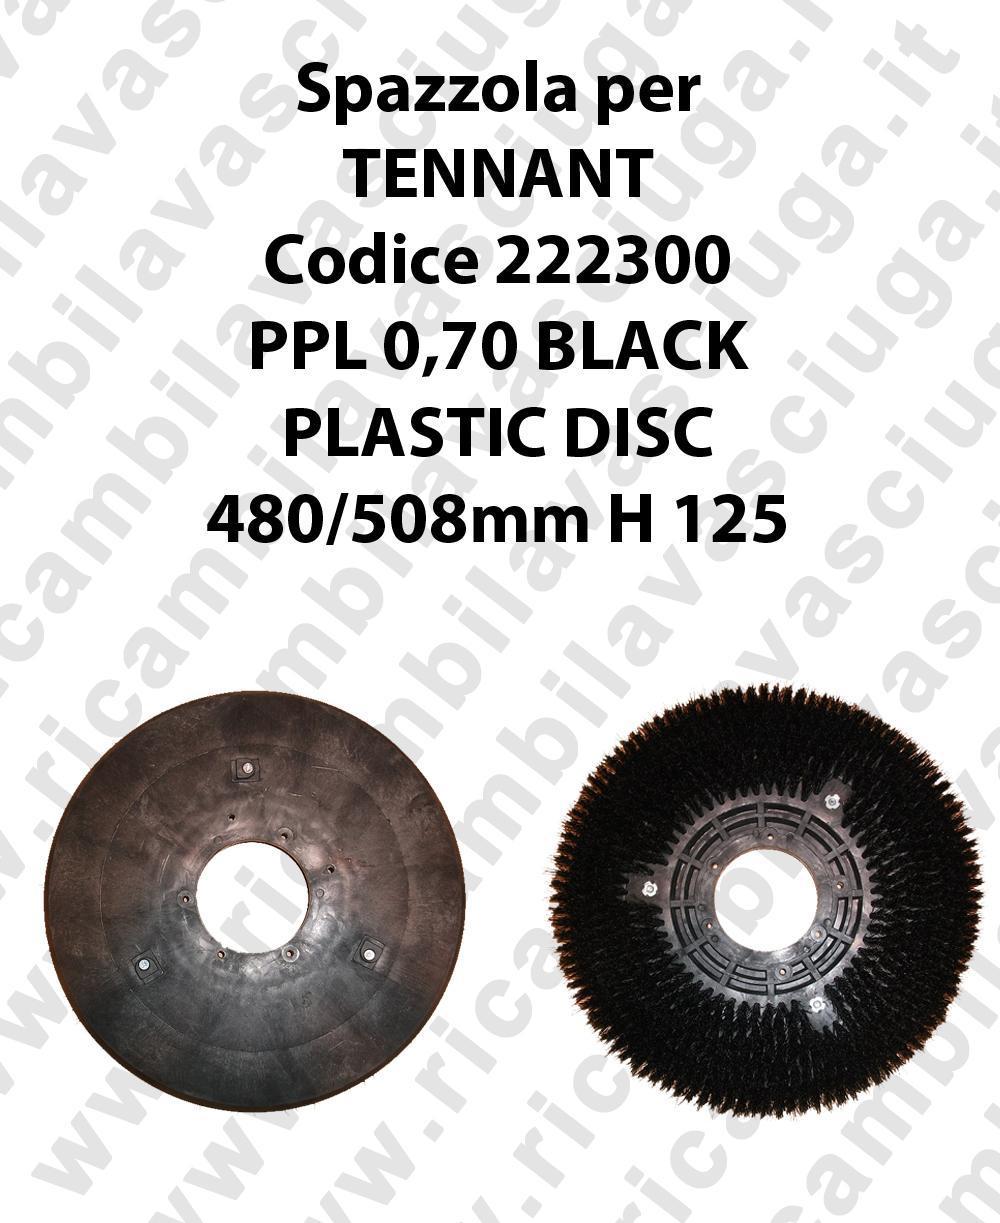 CEPILLO DE LAVADO PPL 0,70 BLACK para fregadora TENNANT codeice 222300